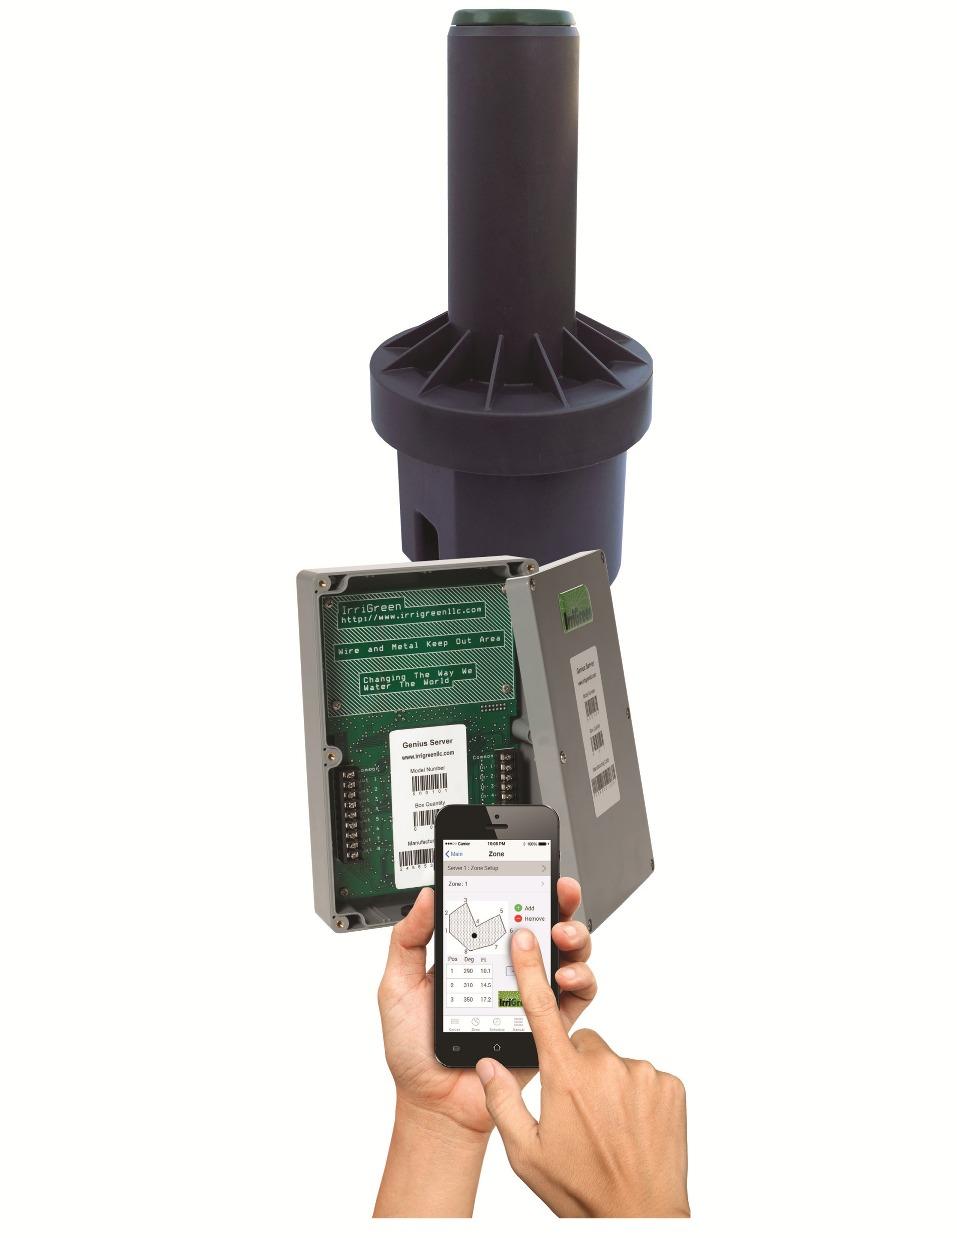 IrriGreen Genius Irrigation System: Digital Sprinkler, Server and Mobile App